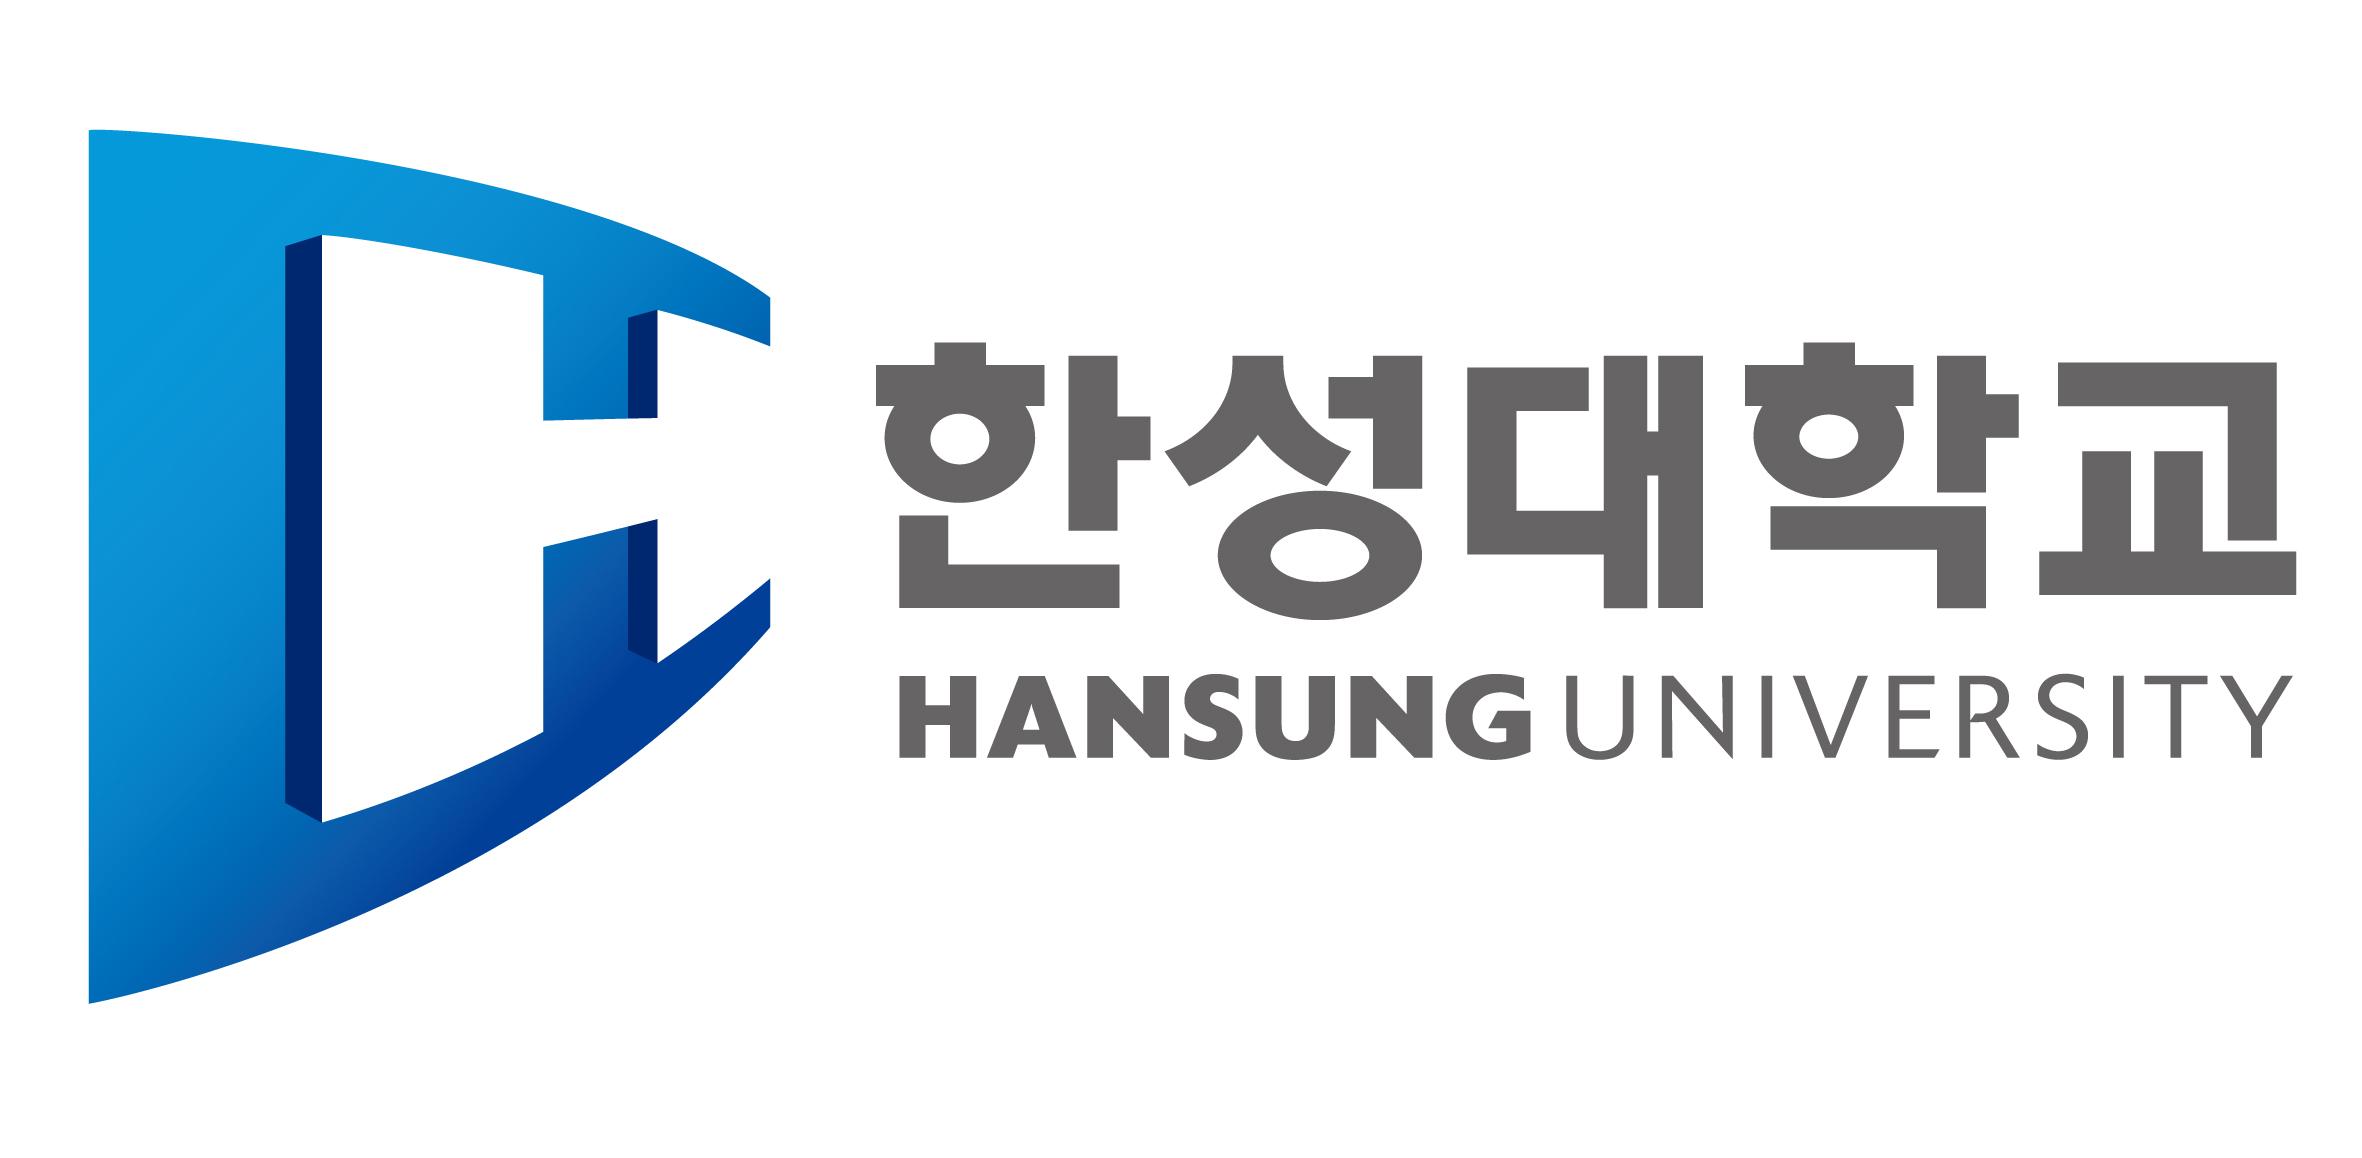 Đại học Hansung - 한성대학교 - Du học Hàn Quốc Namu